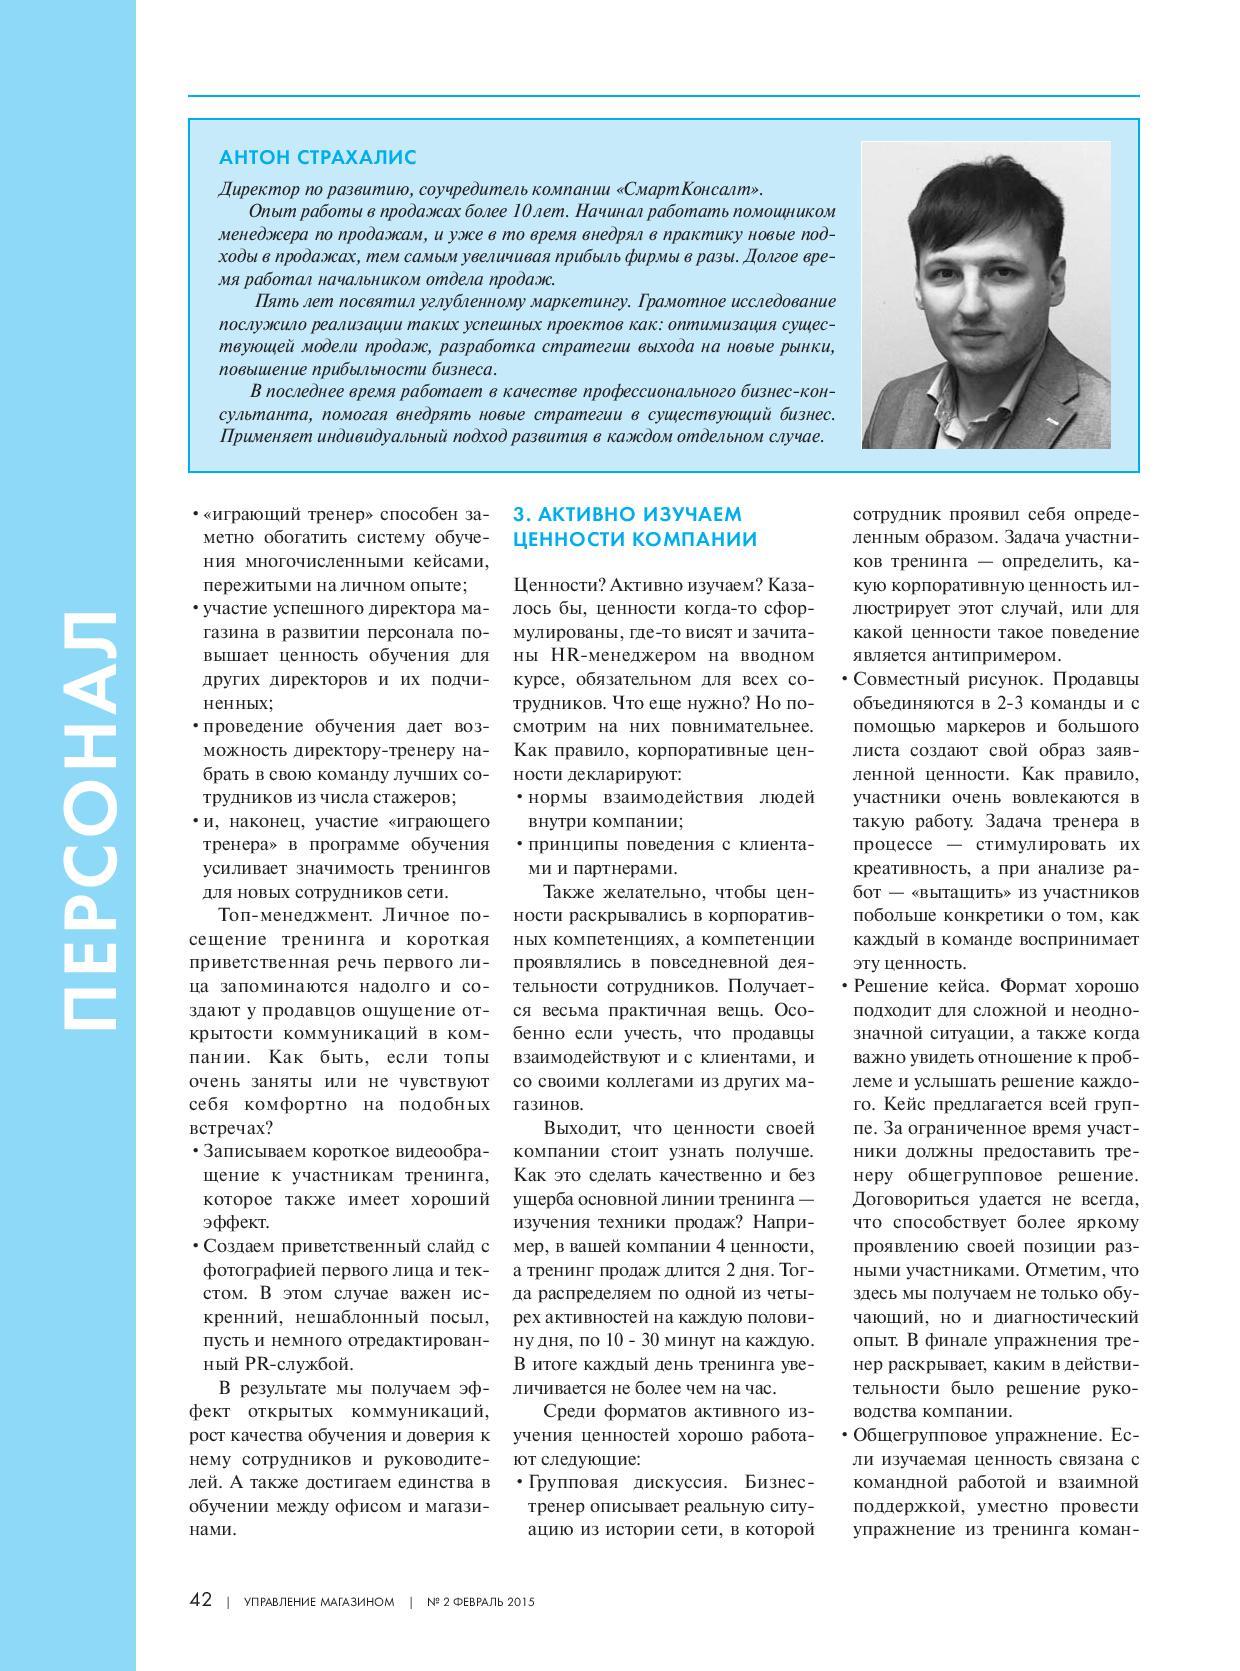 Обучение торгового персонала_1 статья-page-002